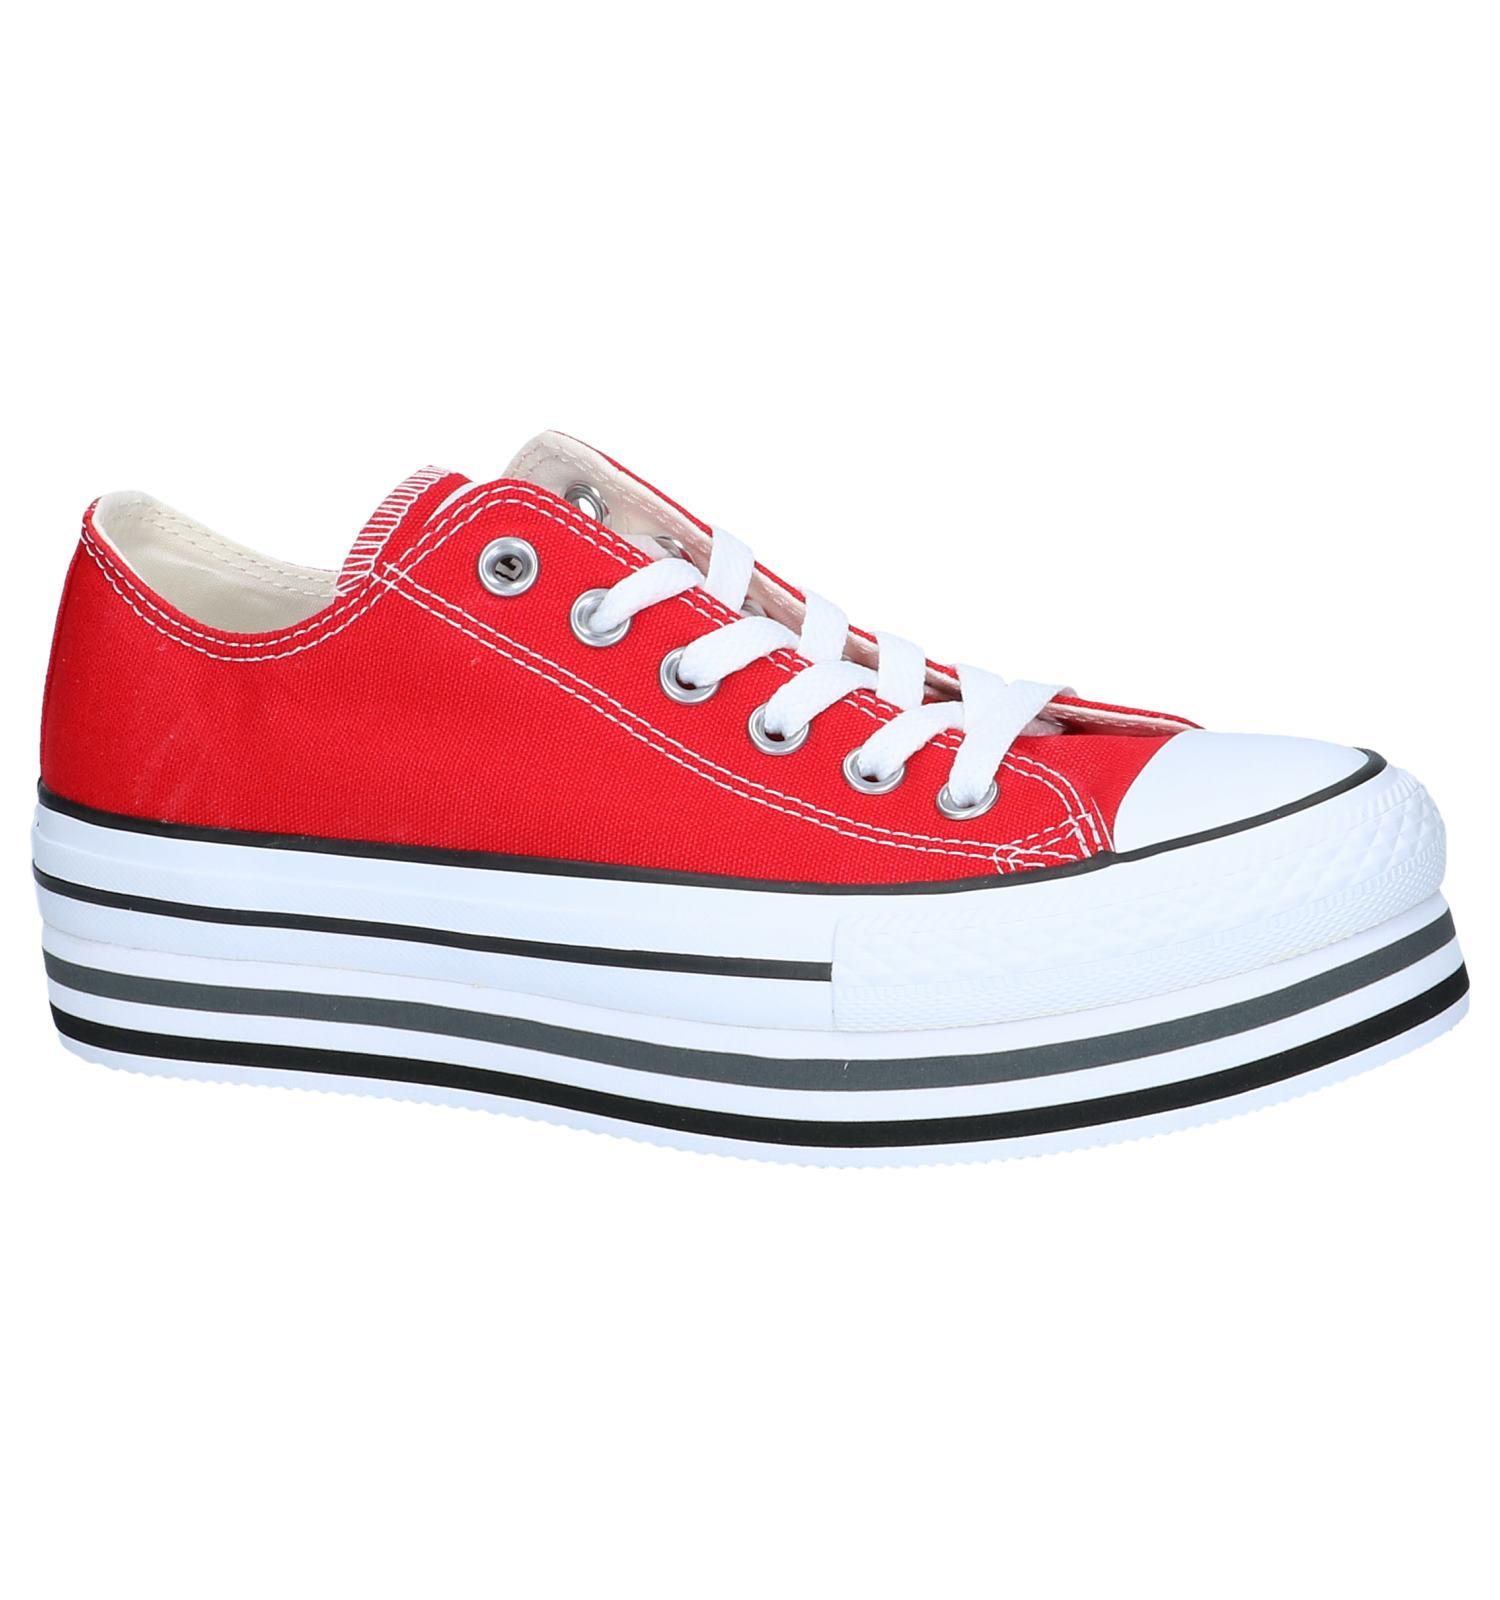 b7a2d88d9711 Rode Sneakers Converse All Star Chuck Taylor Platform Layer